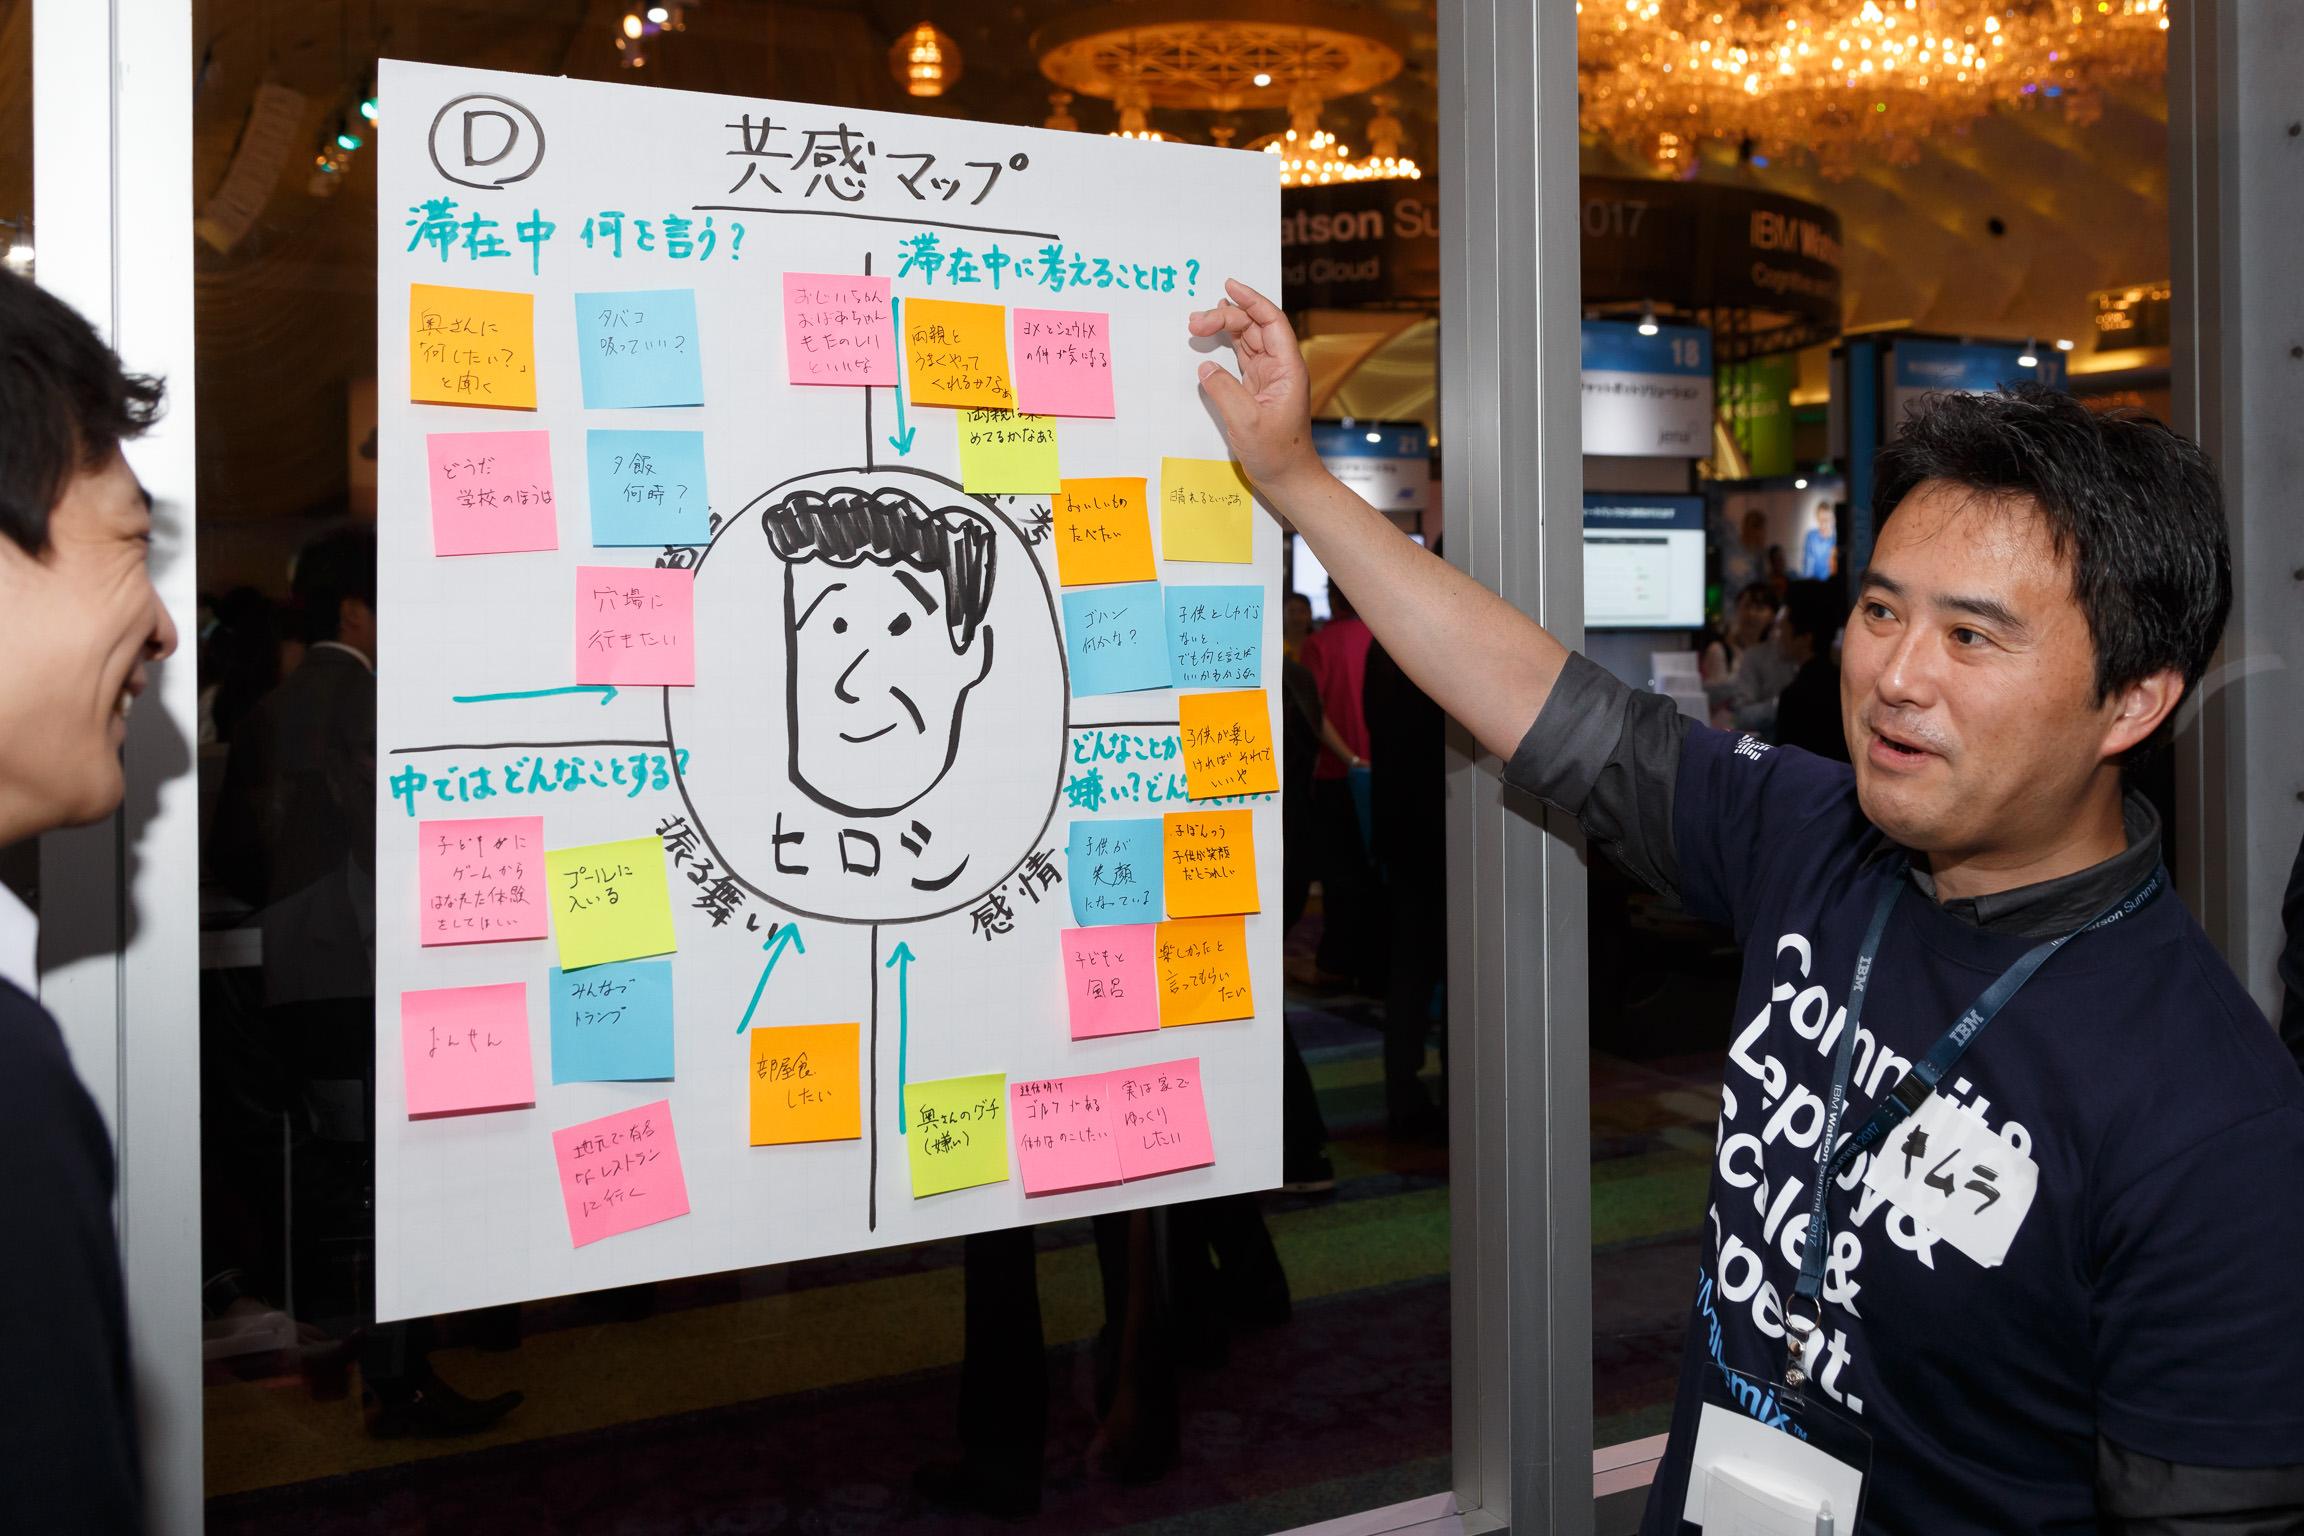 共感マップについてスタッフと参加者が会話をしているシーン